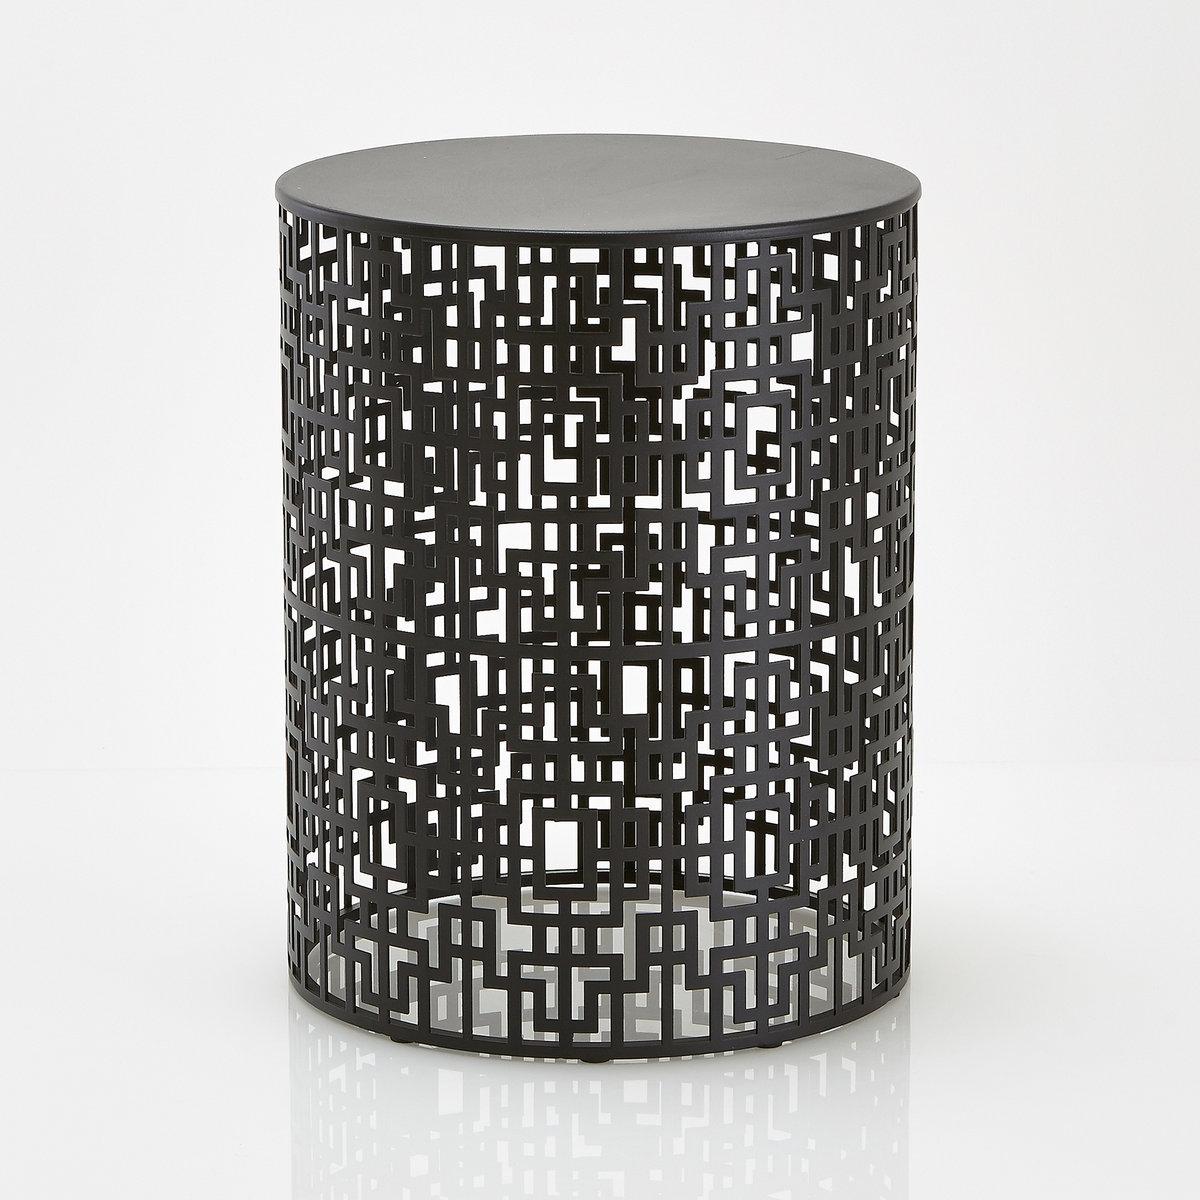 Столик журнальный из ажурного металла, GUEISHIСтолик журнальный из ажурного металла, GEISHI . Экзотичный и элегантный столик с китайскими мотивам, созданные La redoute . Может использоваться в разных целях, что является еще одним преимуществомего можно использовать, как низкий стол, журнальный, прикроватный столик и в других вариантах в зависимости от ваших потребностей   .Характеристики столика: столик с китайскими мотивами из лакированной стали с эпоксидным покрытием . Пластиковые ножки .Размеры столика :Общие :Ширина : 404 мм Высота : 520 мм Глубина : 404 мм Размеры и вес ящика :1 упаковка485 x 600 x 485 мм, 9.25 кгДоставка :Столик продается в собранном виде . Доставка будет осуществлена до квартиры !Внимание ! Убедитесь, что посылку возможно доставить на дом, учитывая ее габариты:<br><br>Цвет: золотистый,черный